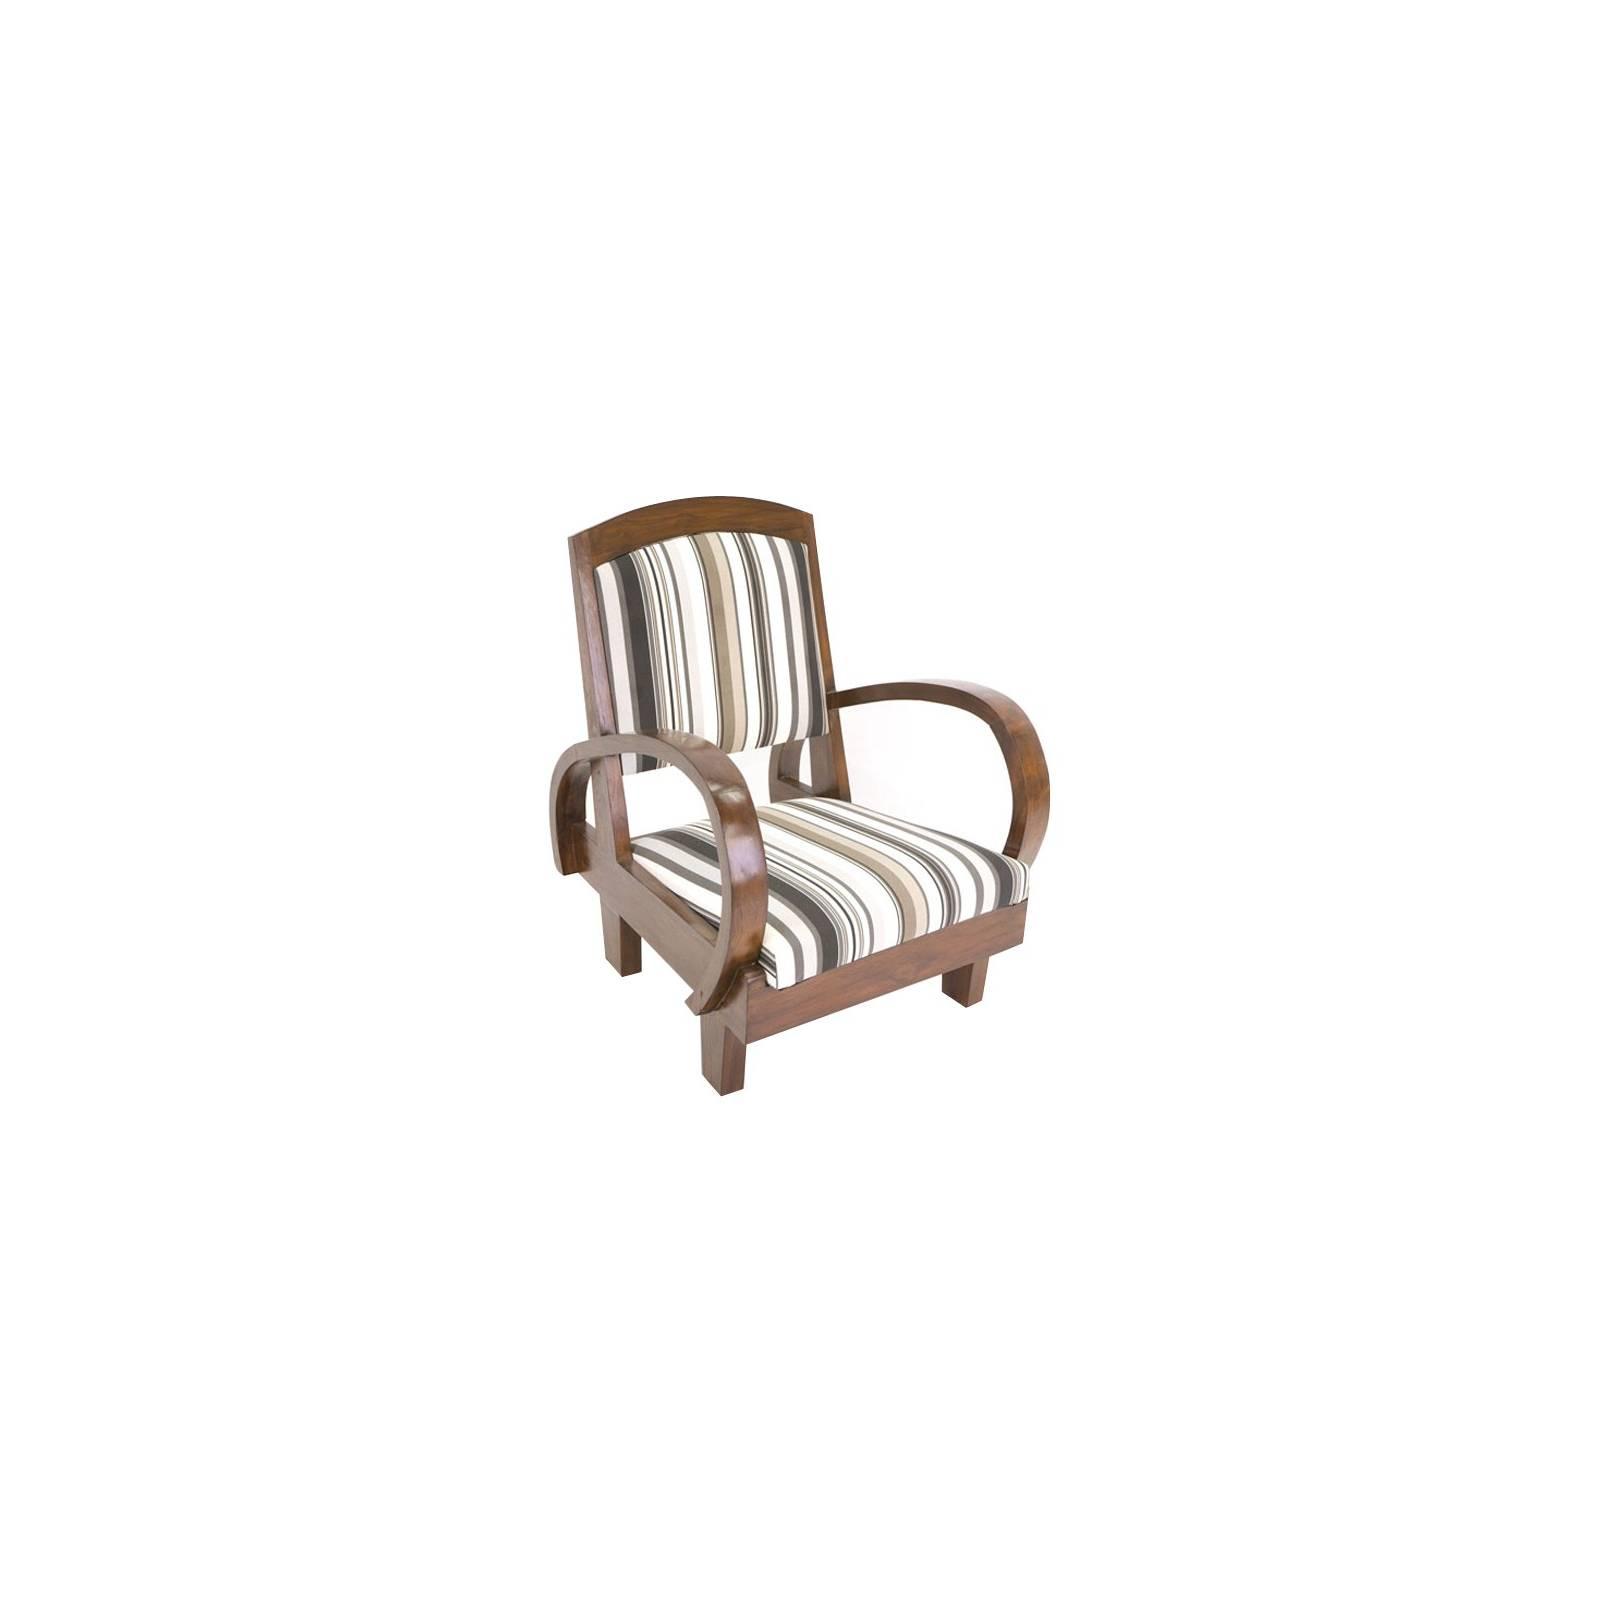 fauteuil exotique planteur meuble en teck massif et tissu. Black Bedroom Furniture Sets. Home Design Ideas